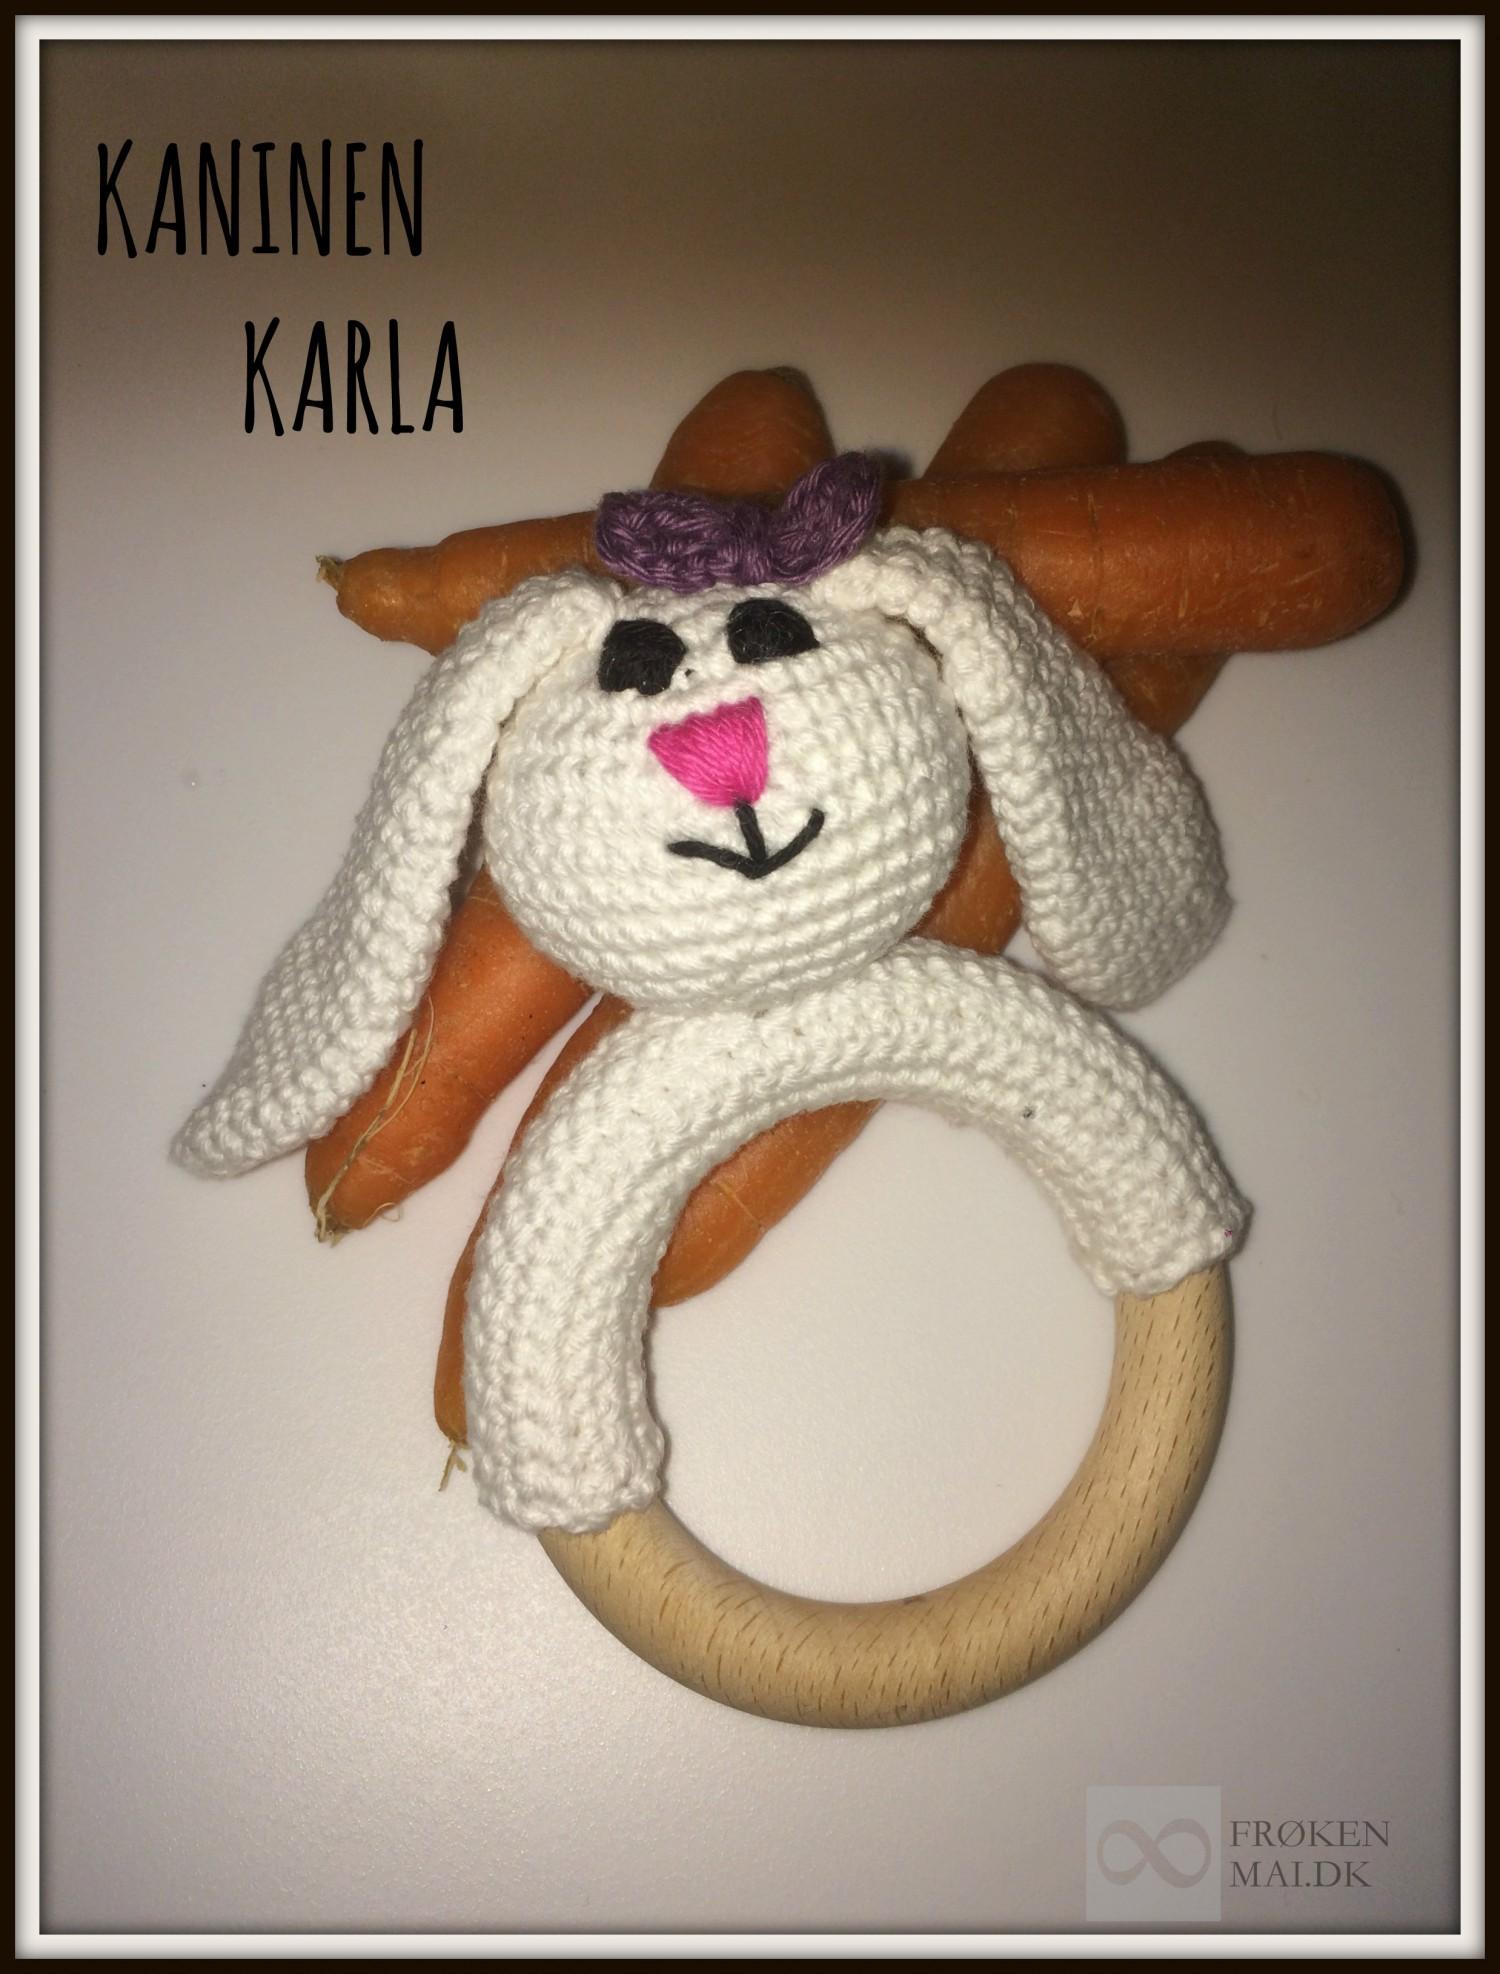 Kaninen Karla